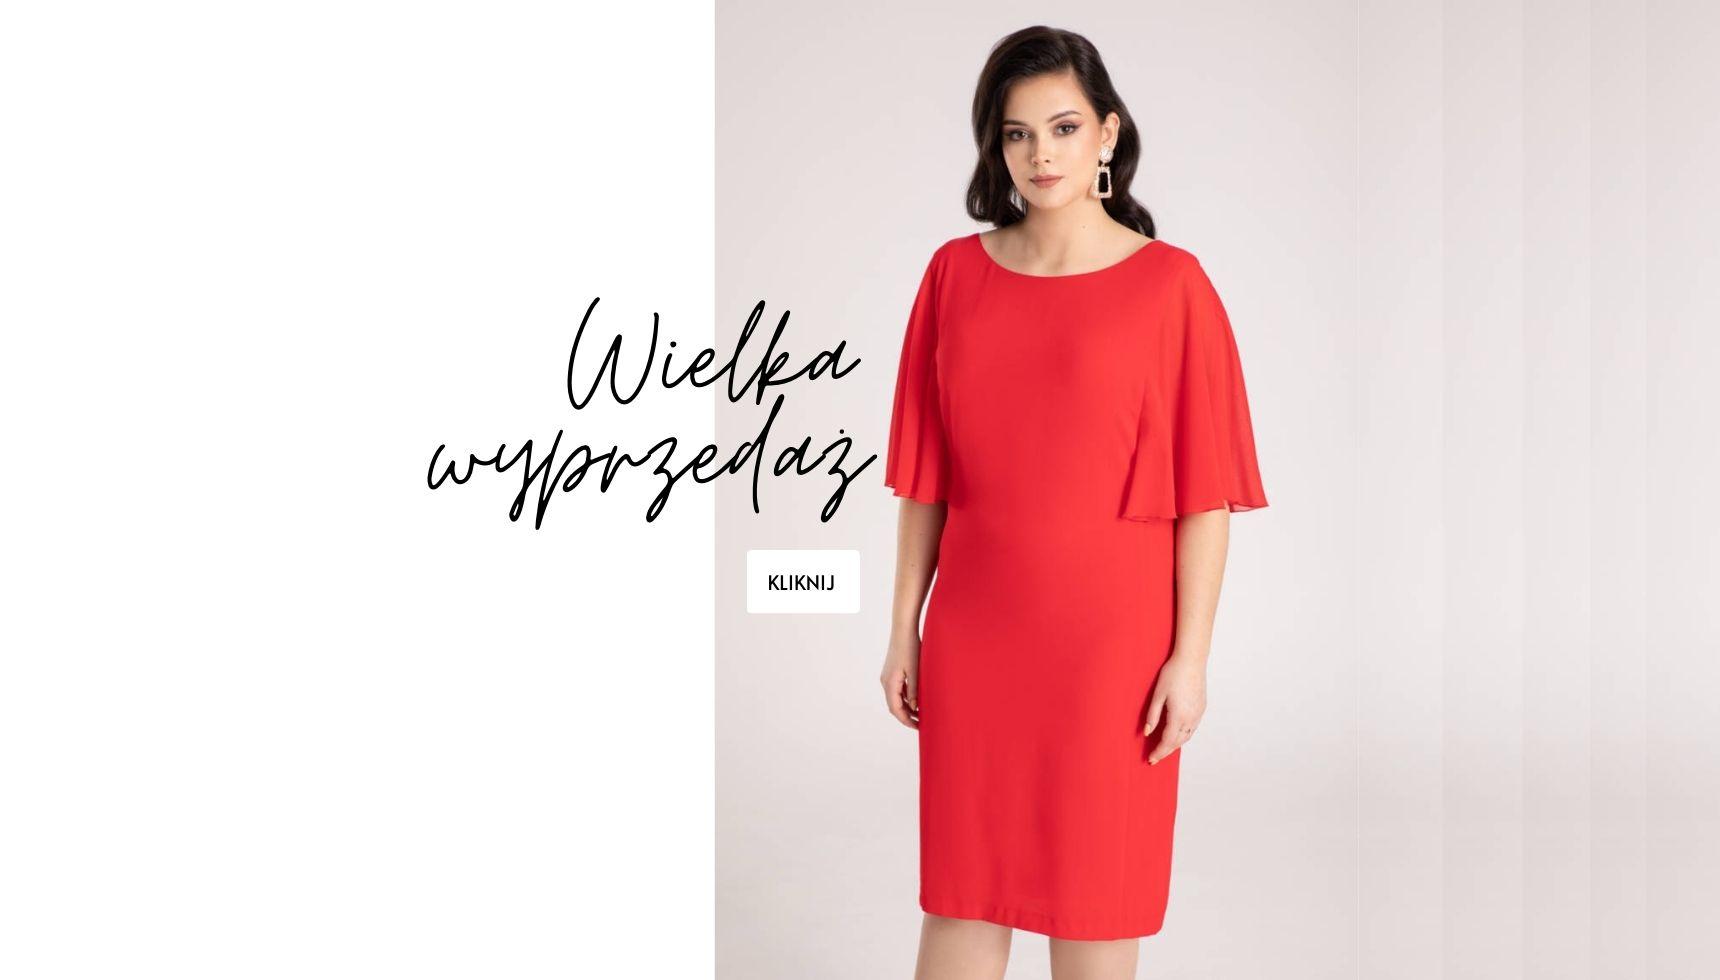 wielka wyprzedaż moda damska sklep internetowy z sukienkami i dresami polska marka Vito Vergelis wiosna 2021